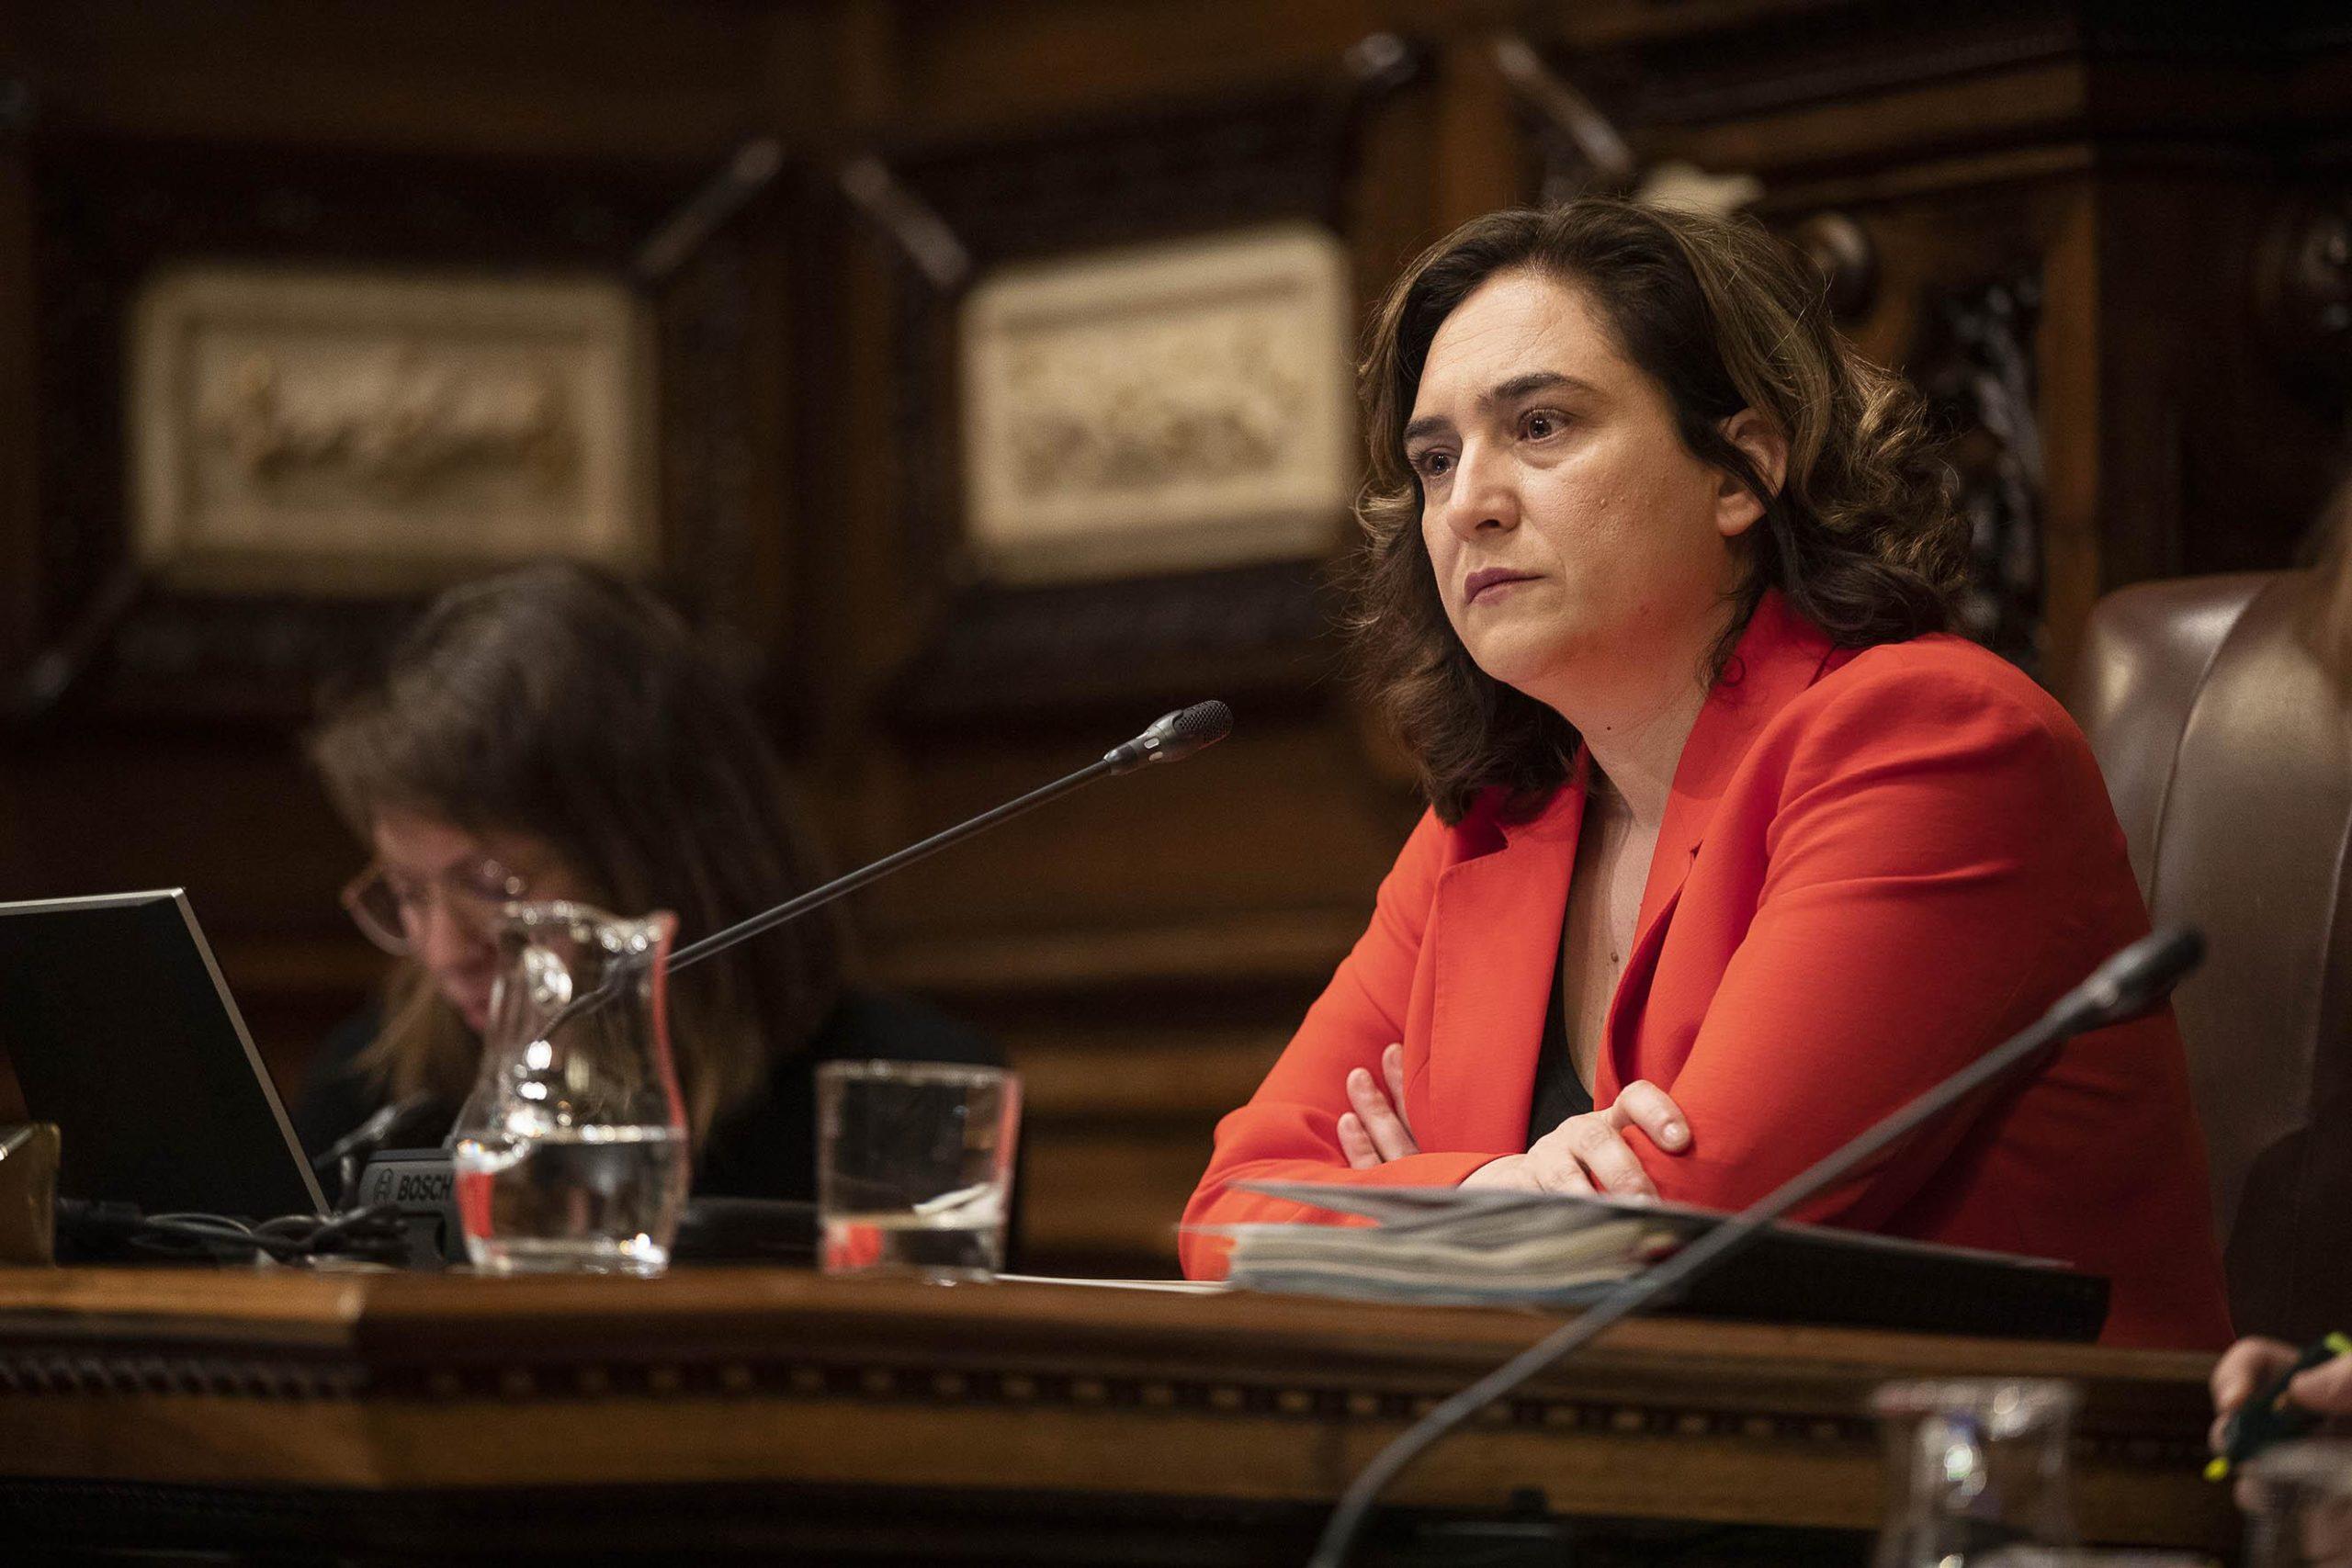 L'alcaldessa Ada Colau al ple de l'Ajuntament, en imatge d'arxiu / Jordi Play